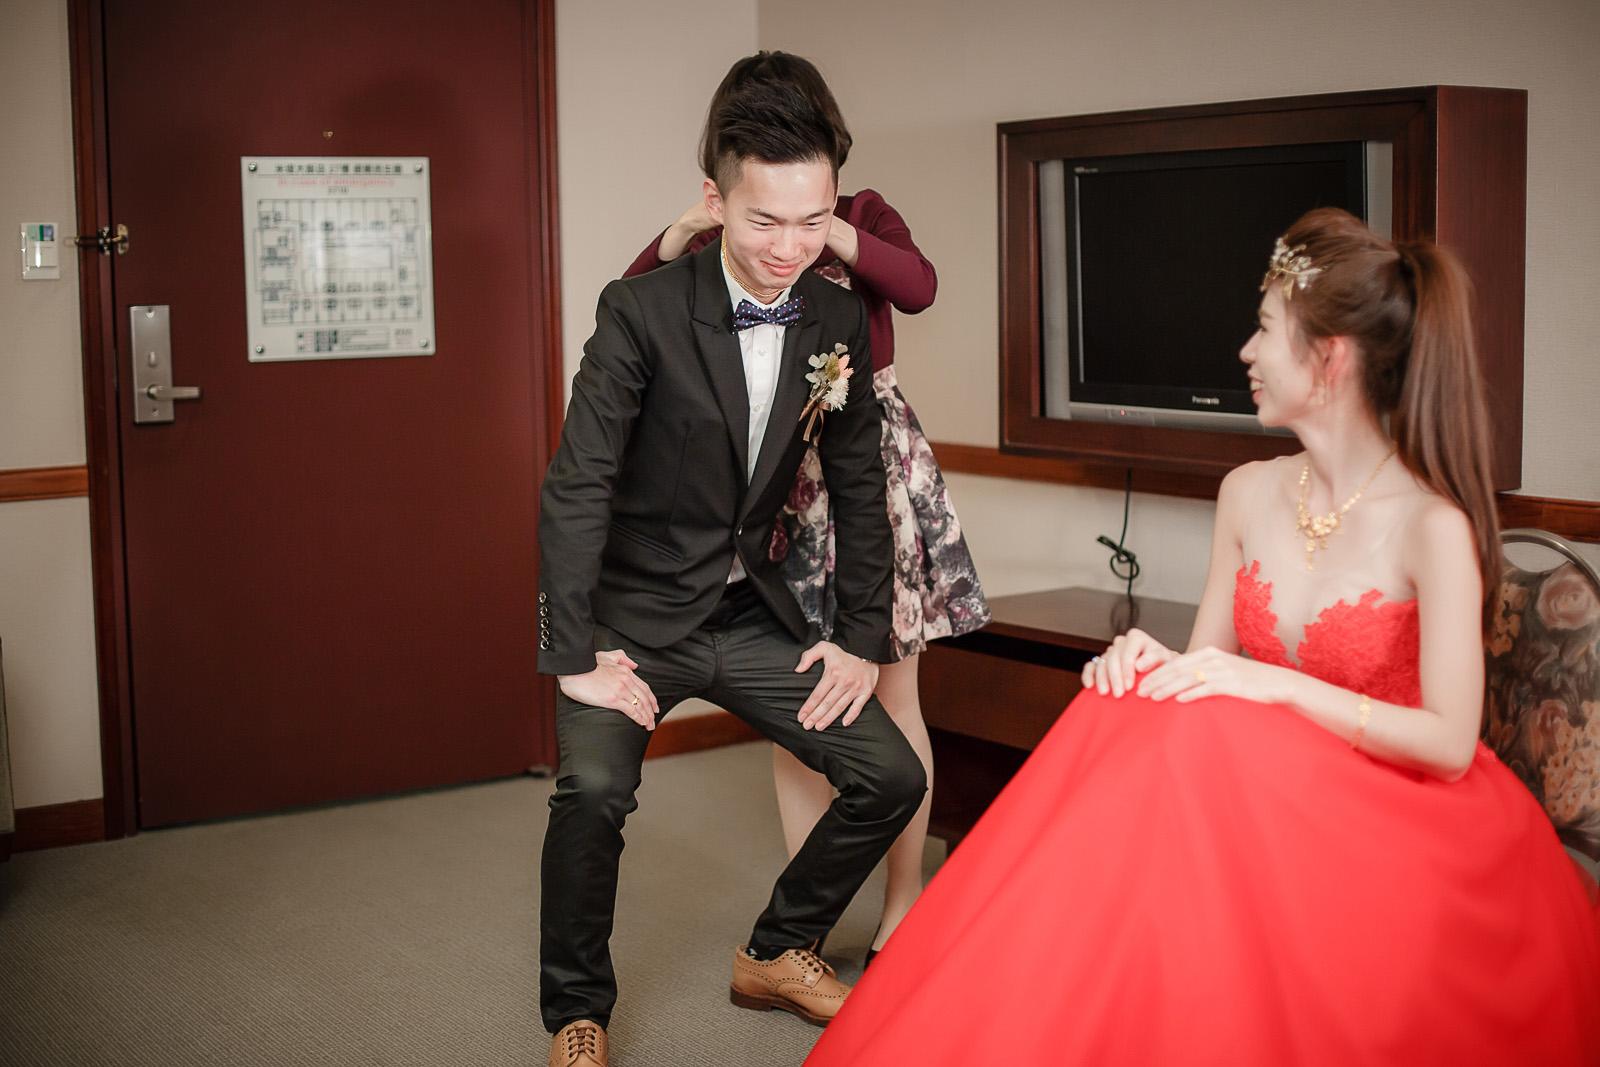 高雄圓山飯店,婚禮攝影,婚攝,高雄婚攝,優質婚攝推薦,Jen&Ethan-044